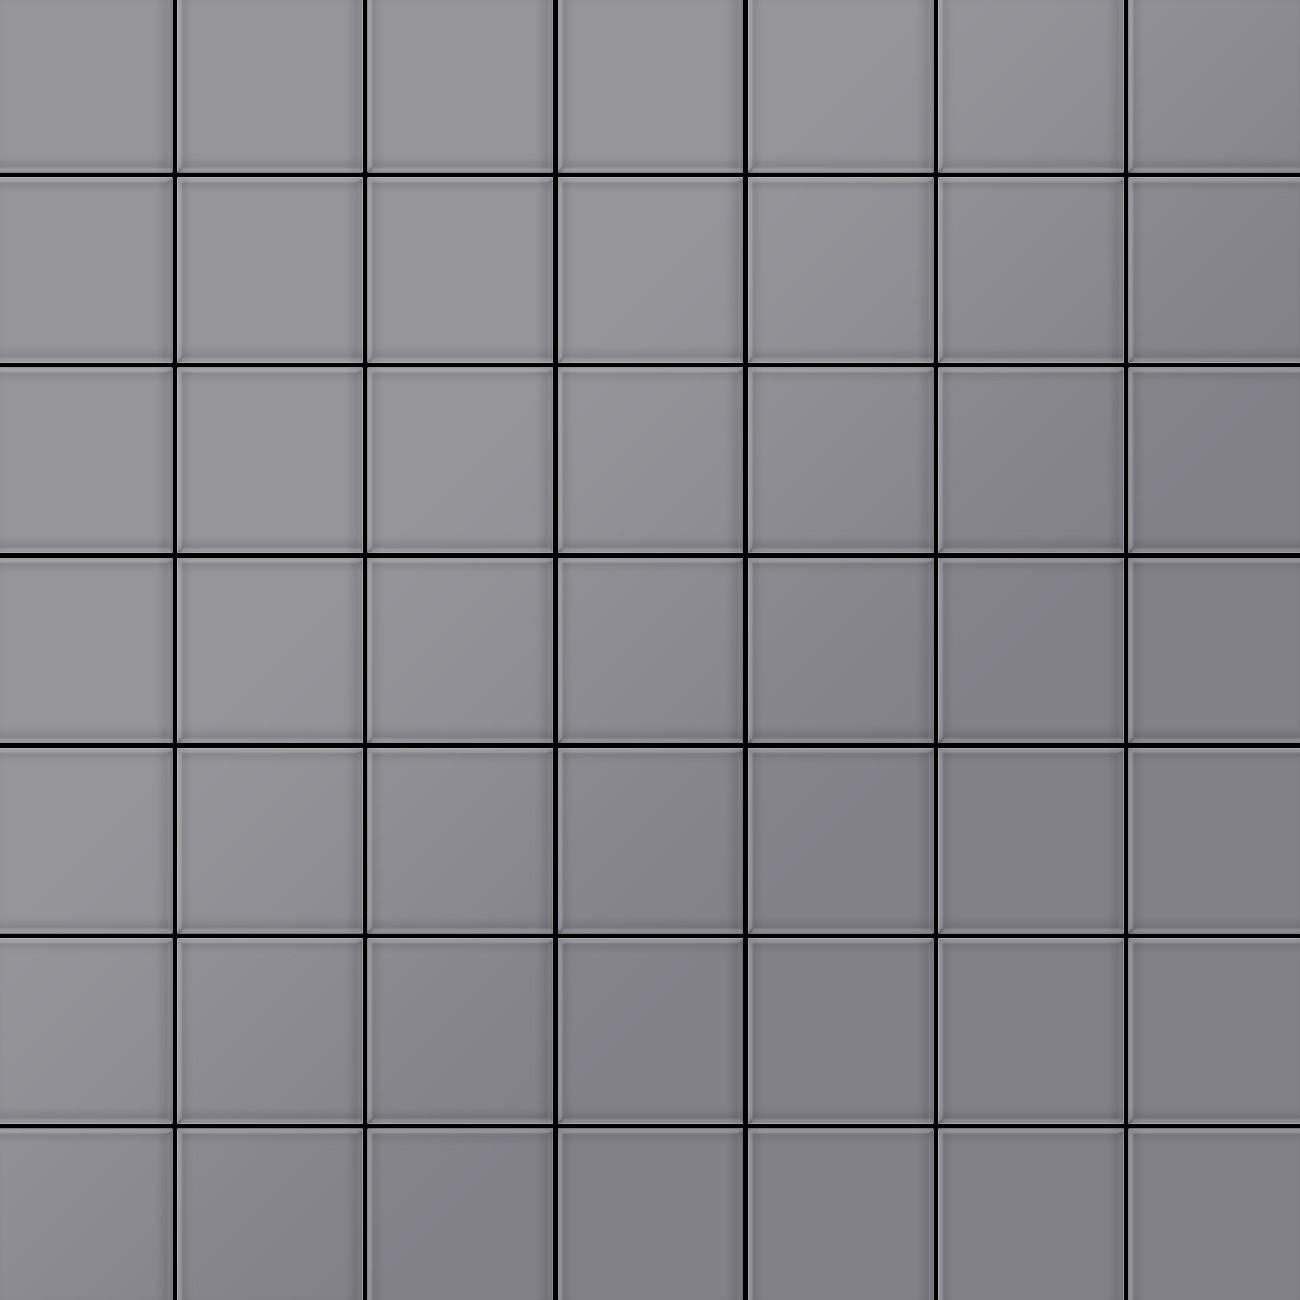 Mosa que m tal massif carrelage acier inoxydable matt gris for Carrelage mosaique gris